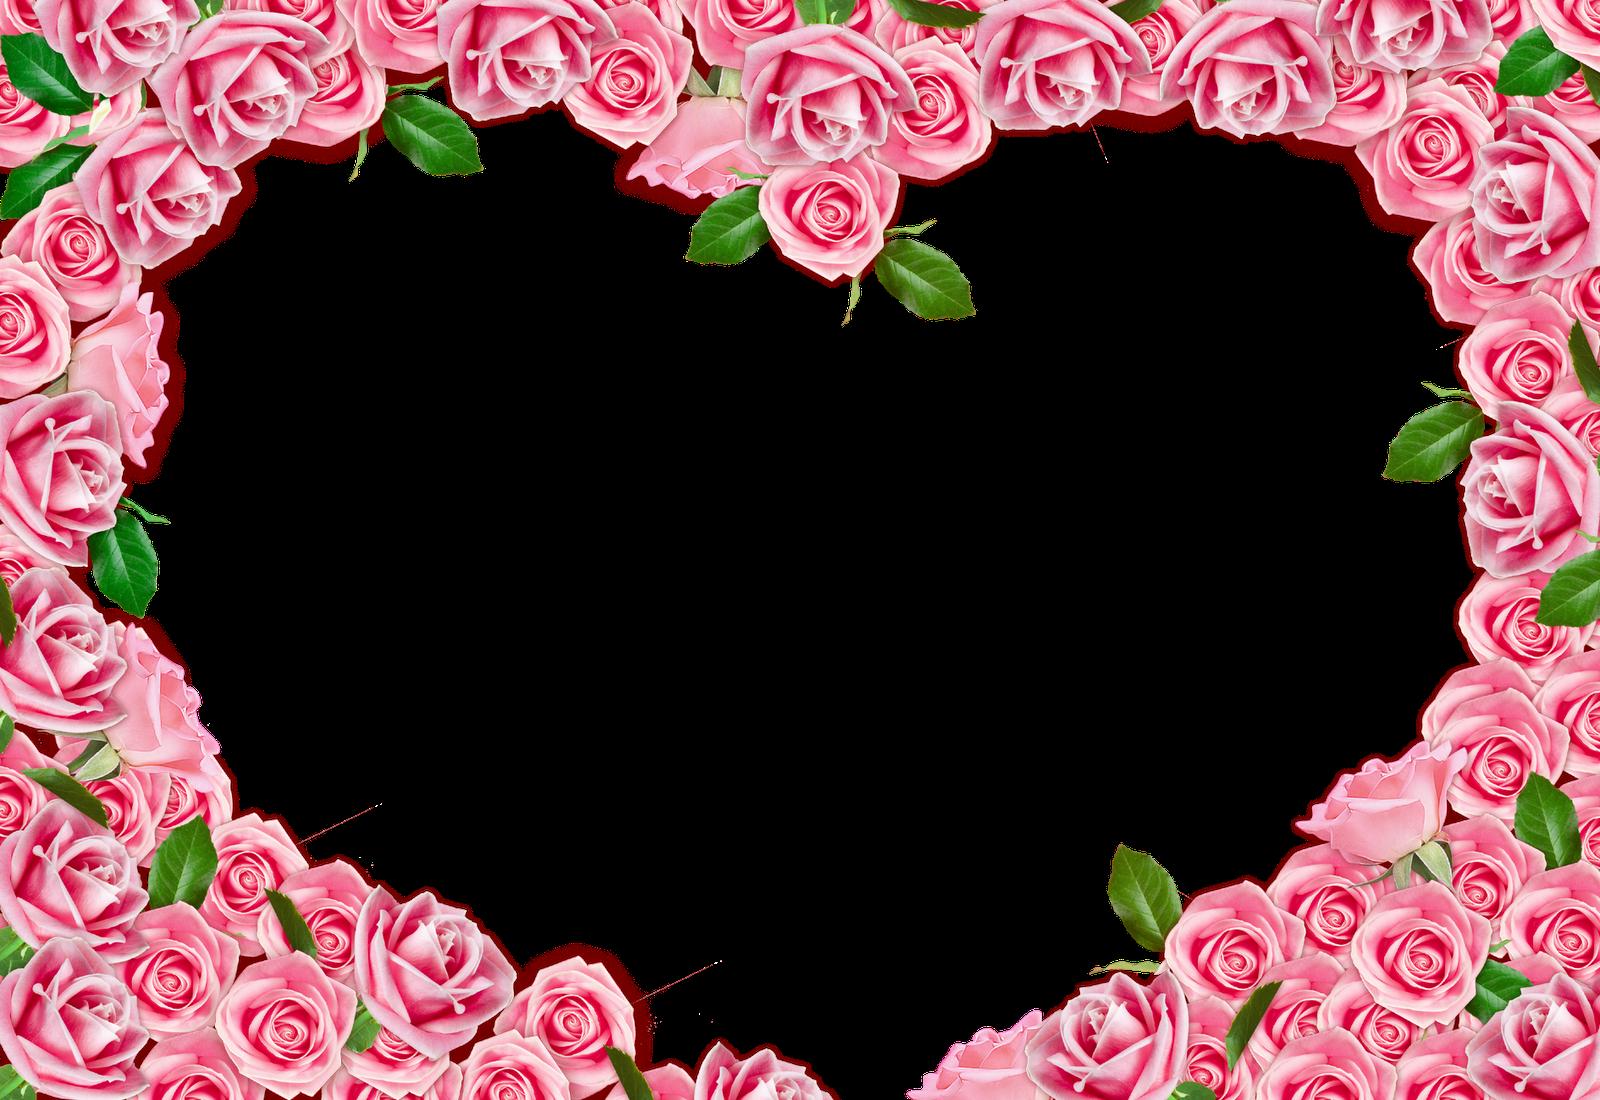 Cartao De Amor Para Photoshop: Artes Em Psd: 05 Molduras Românticas Todo O Meu Amor Para